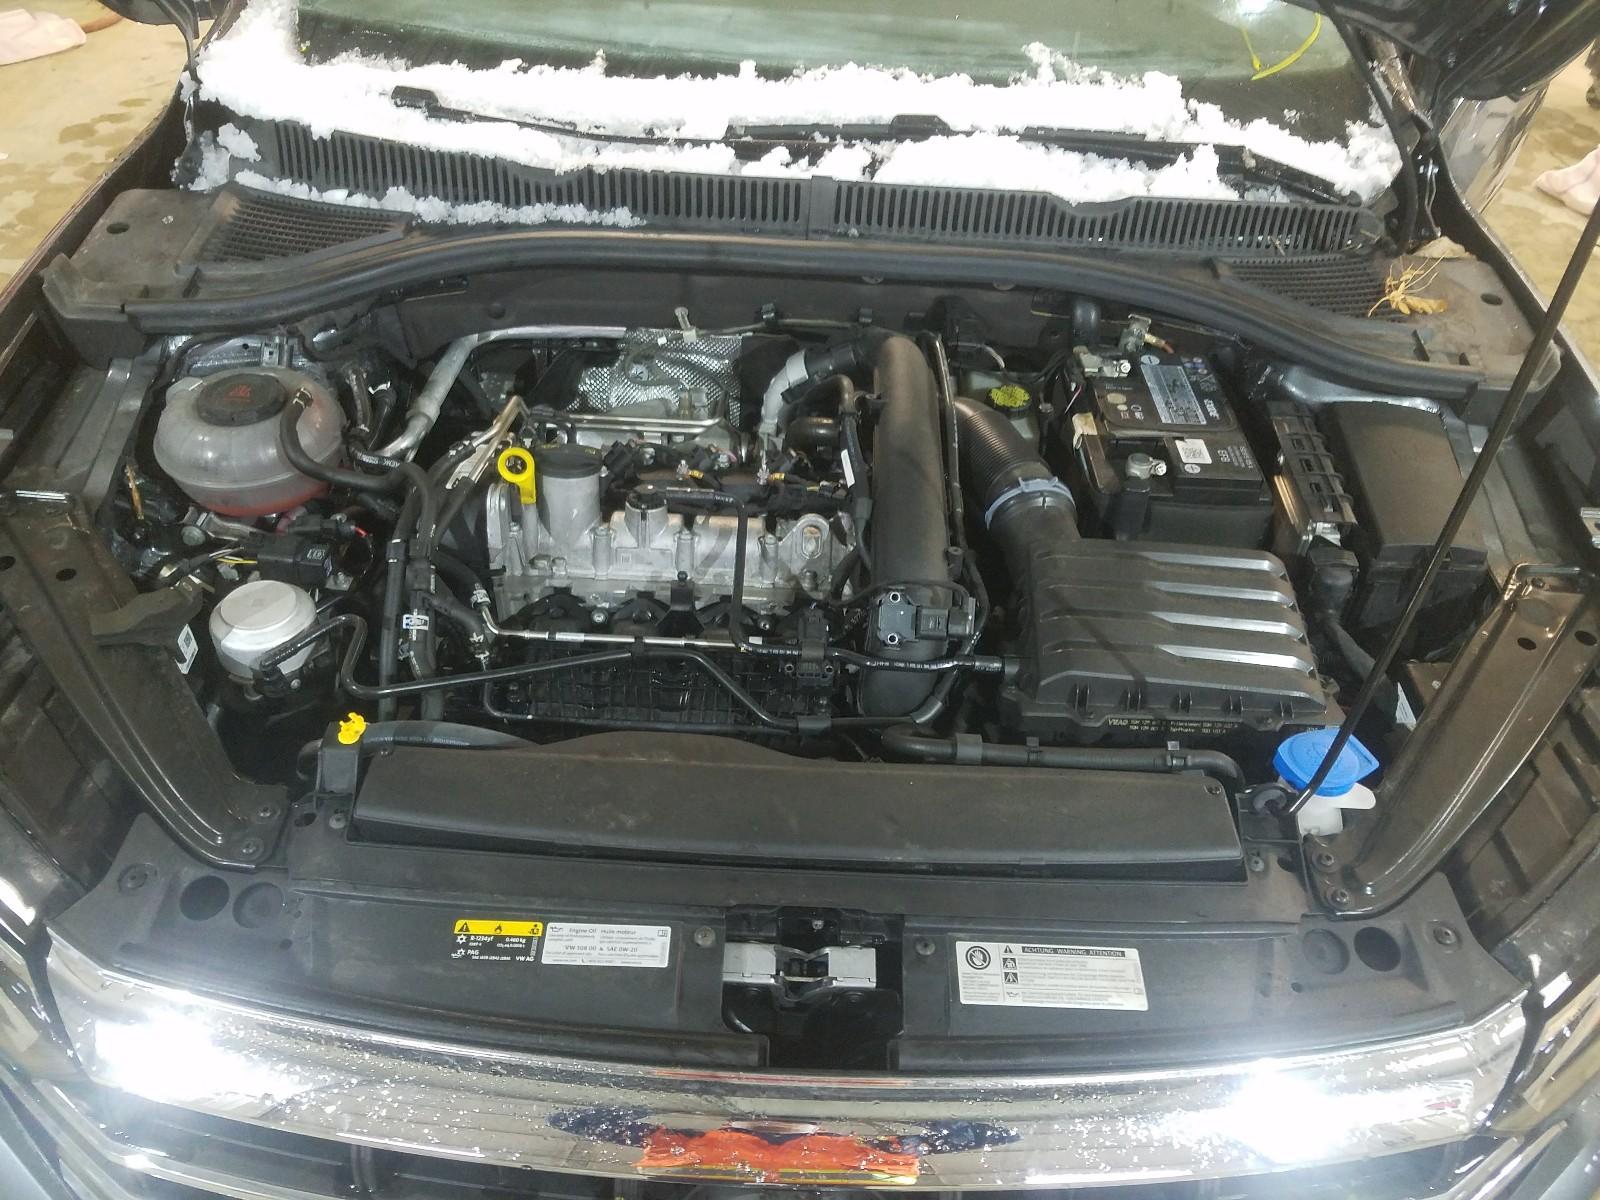 3VWC57BUXKM046505 - 2019 Volkswagen Jetta S 1.4L inside view